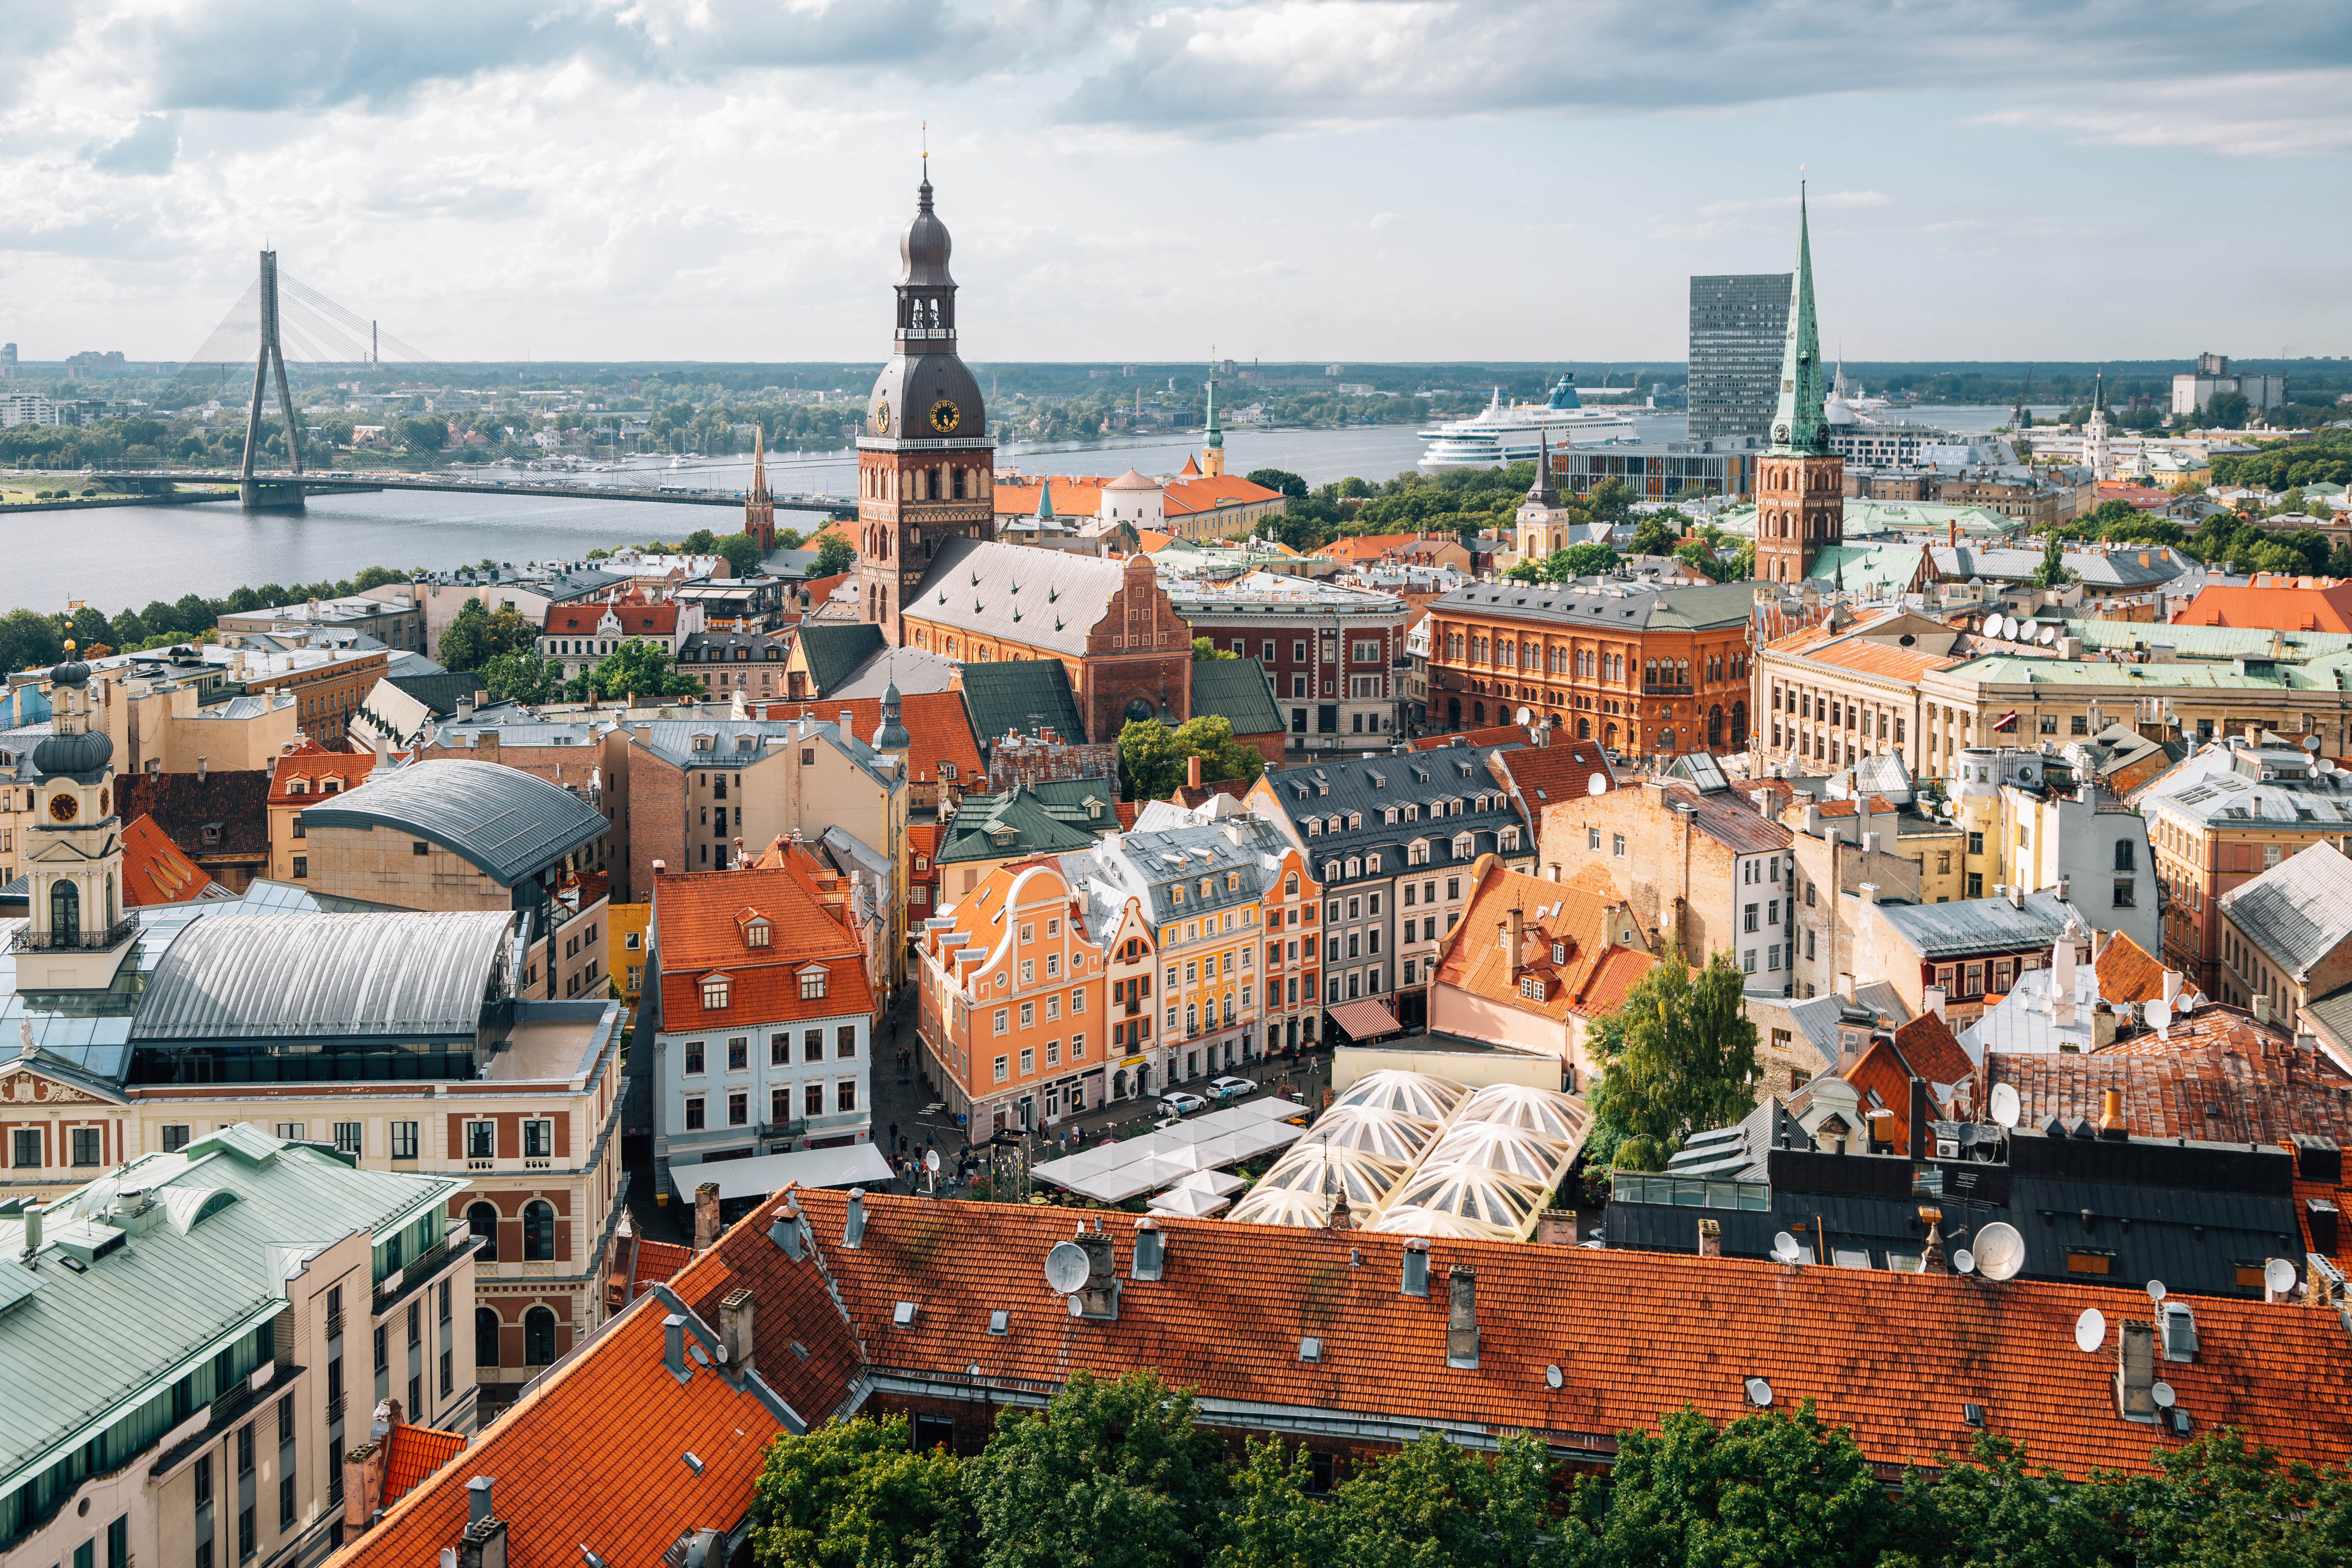 Латвия - одна из топ-5 стран ЕС, в которых выгодно начать свое дело